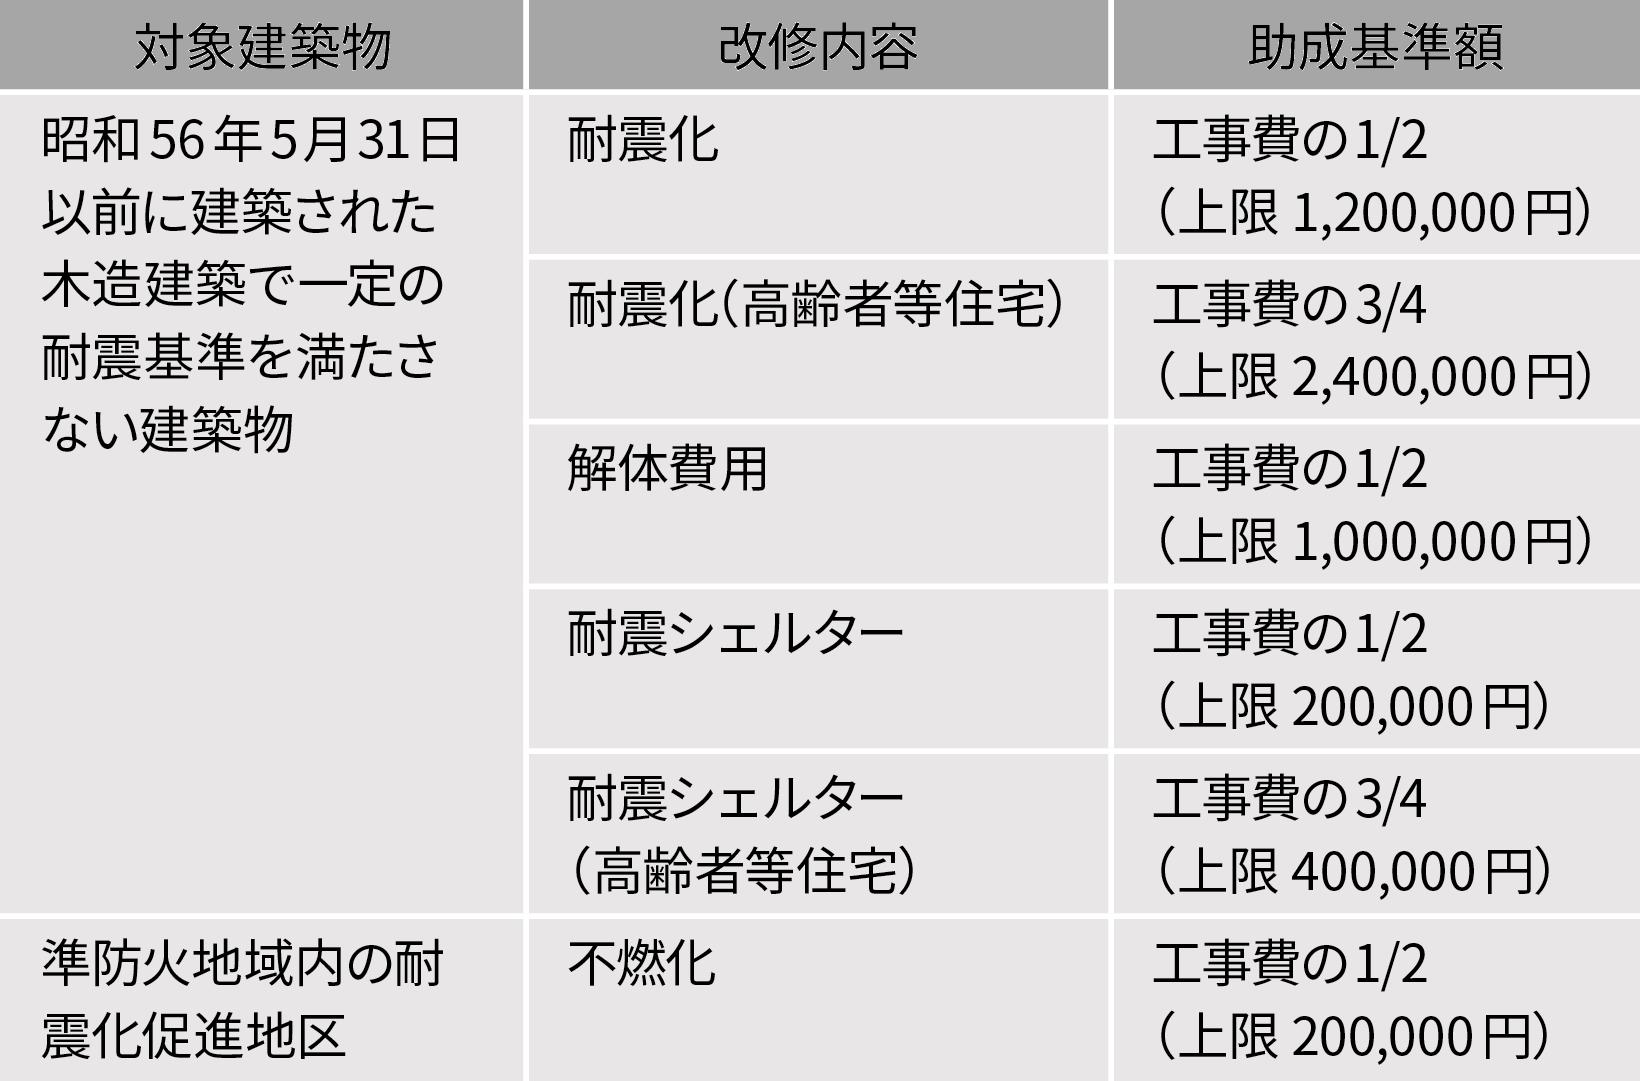 文京区耐震改修工事助成(2020年1月現在)